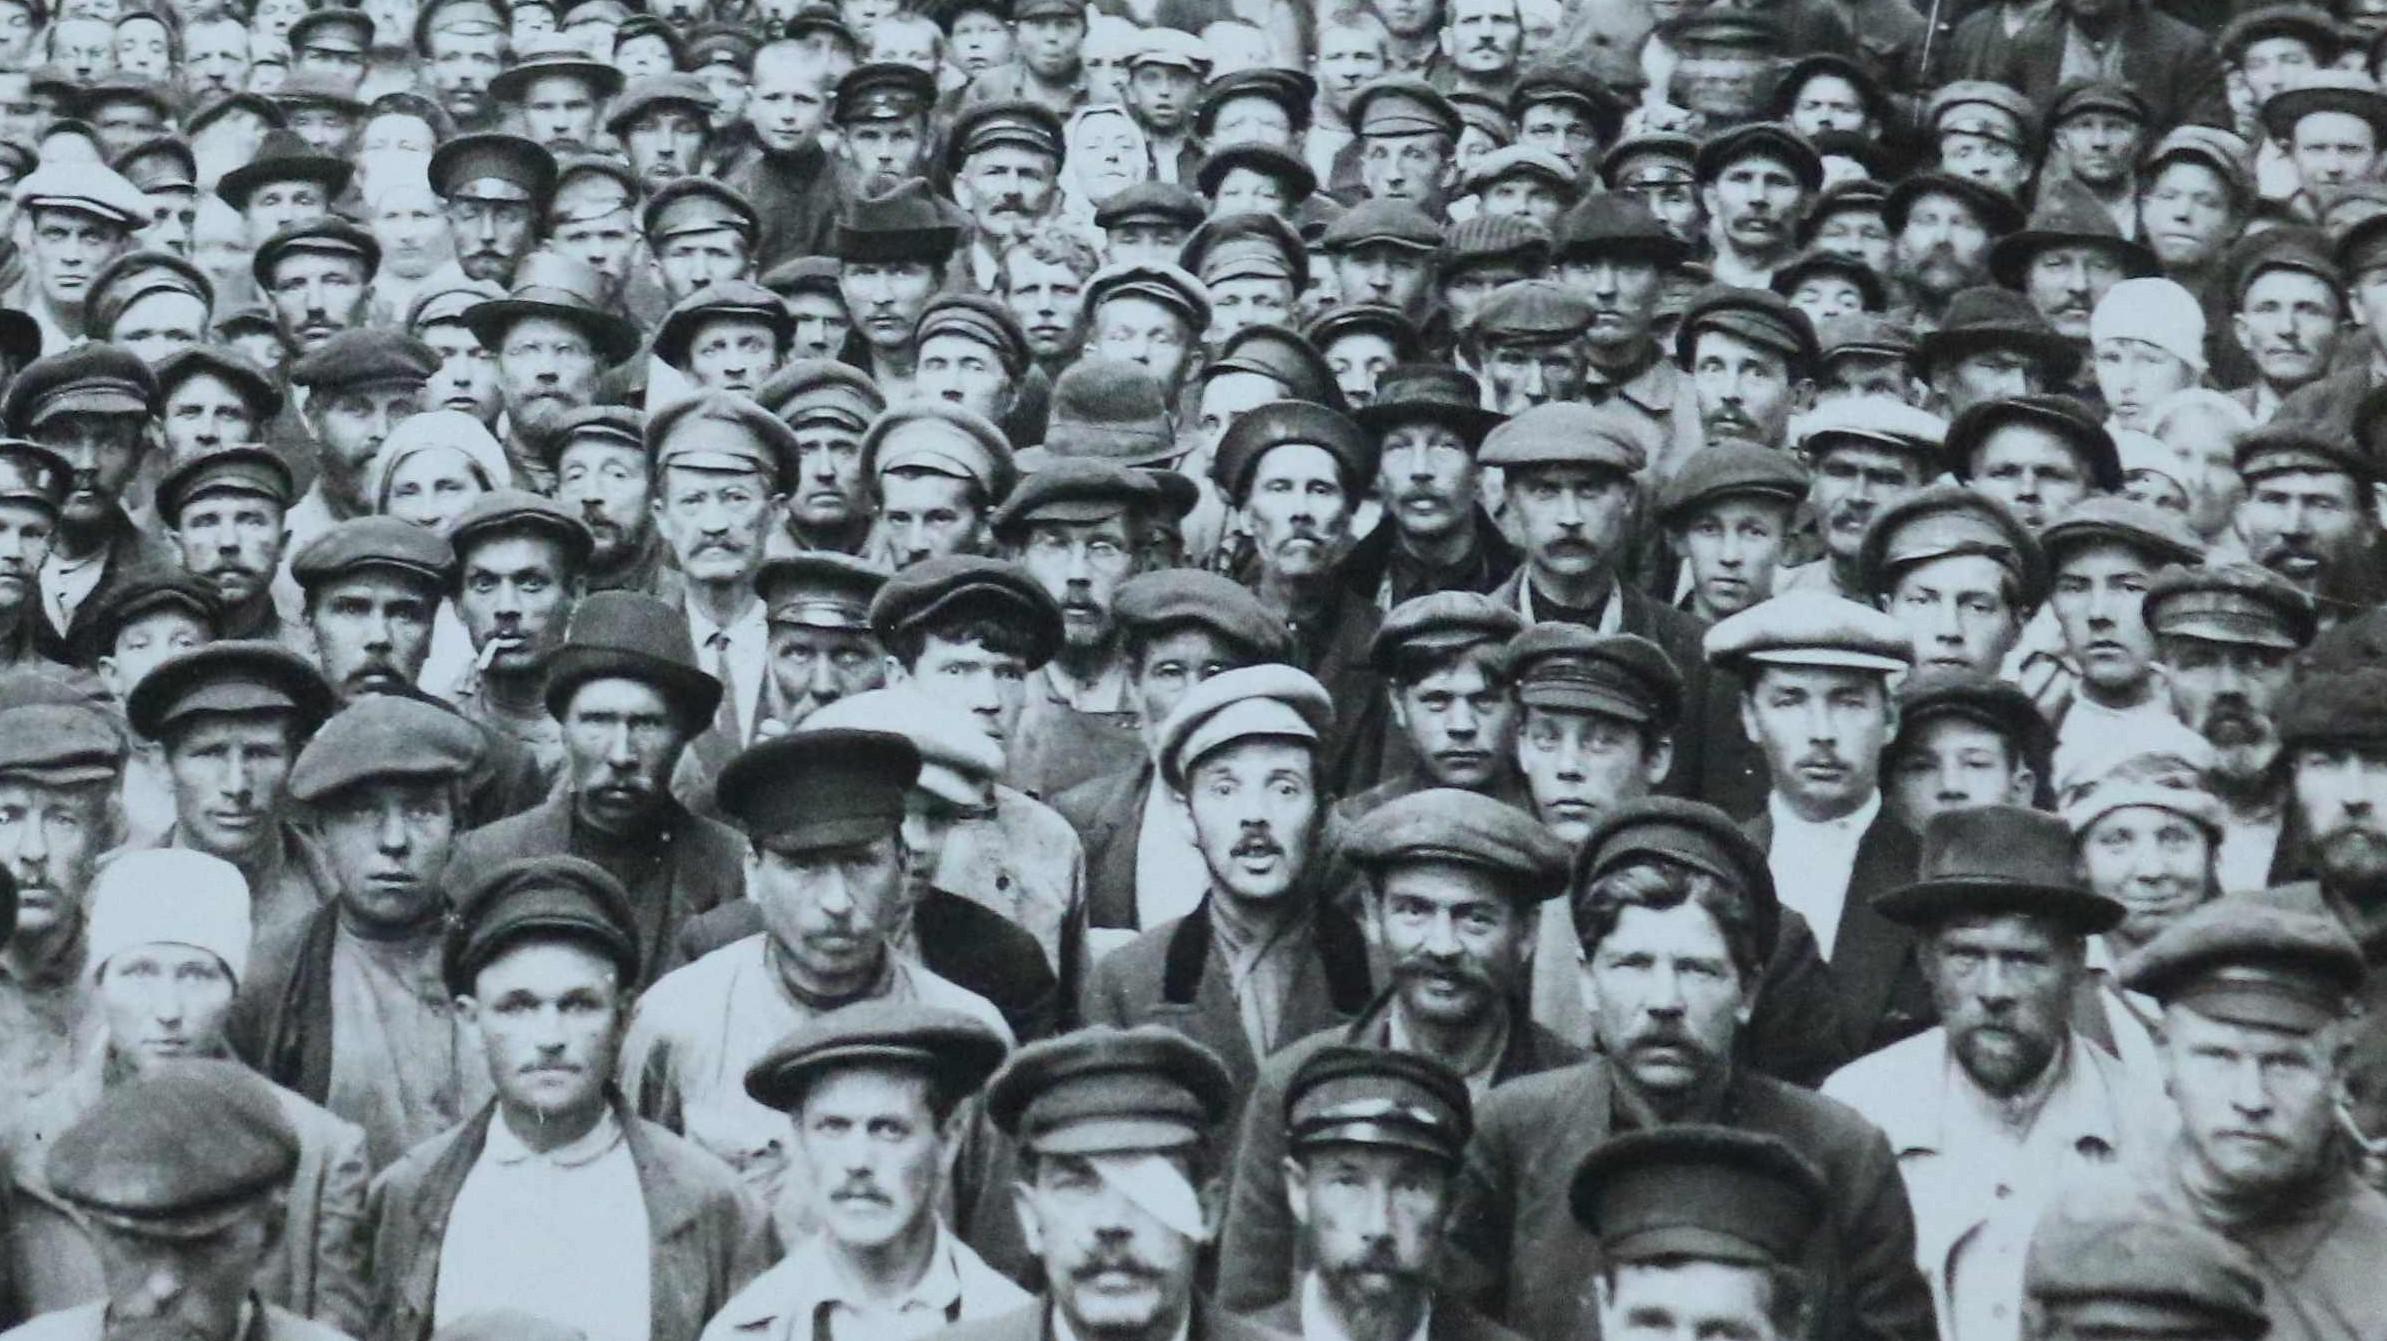 A oposição bolchevique contra Lênin: G. I. Miasnikóv e o Grupo Operário